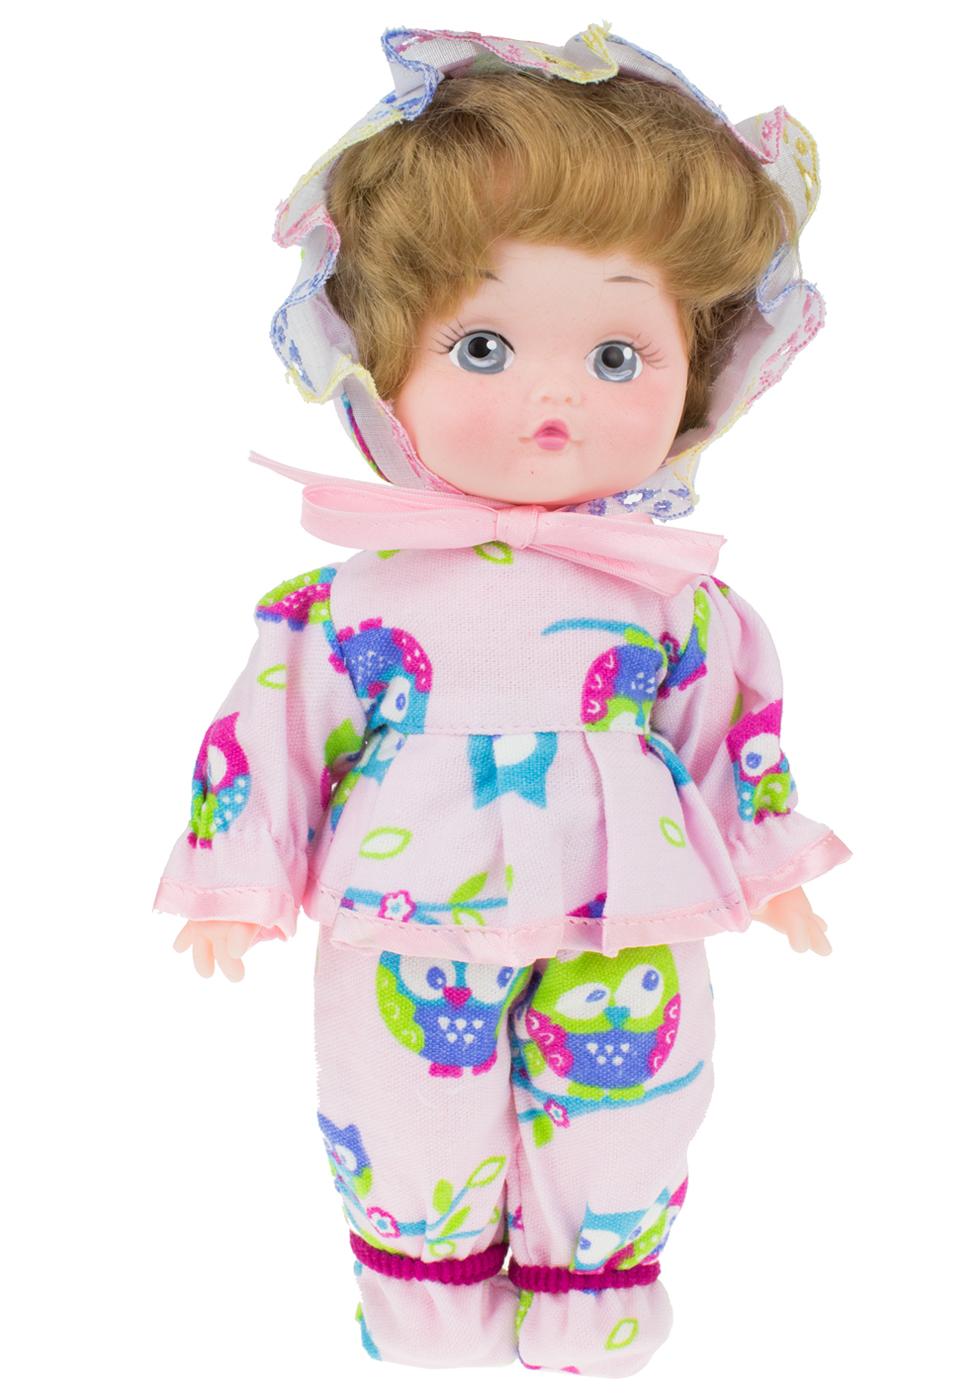 Кукла Мир кукол Анечка розовый куклы мир кукол кукла ася пак 35 см